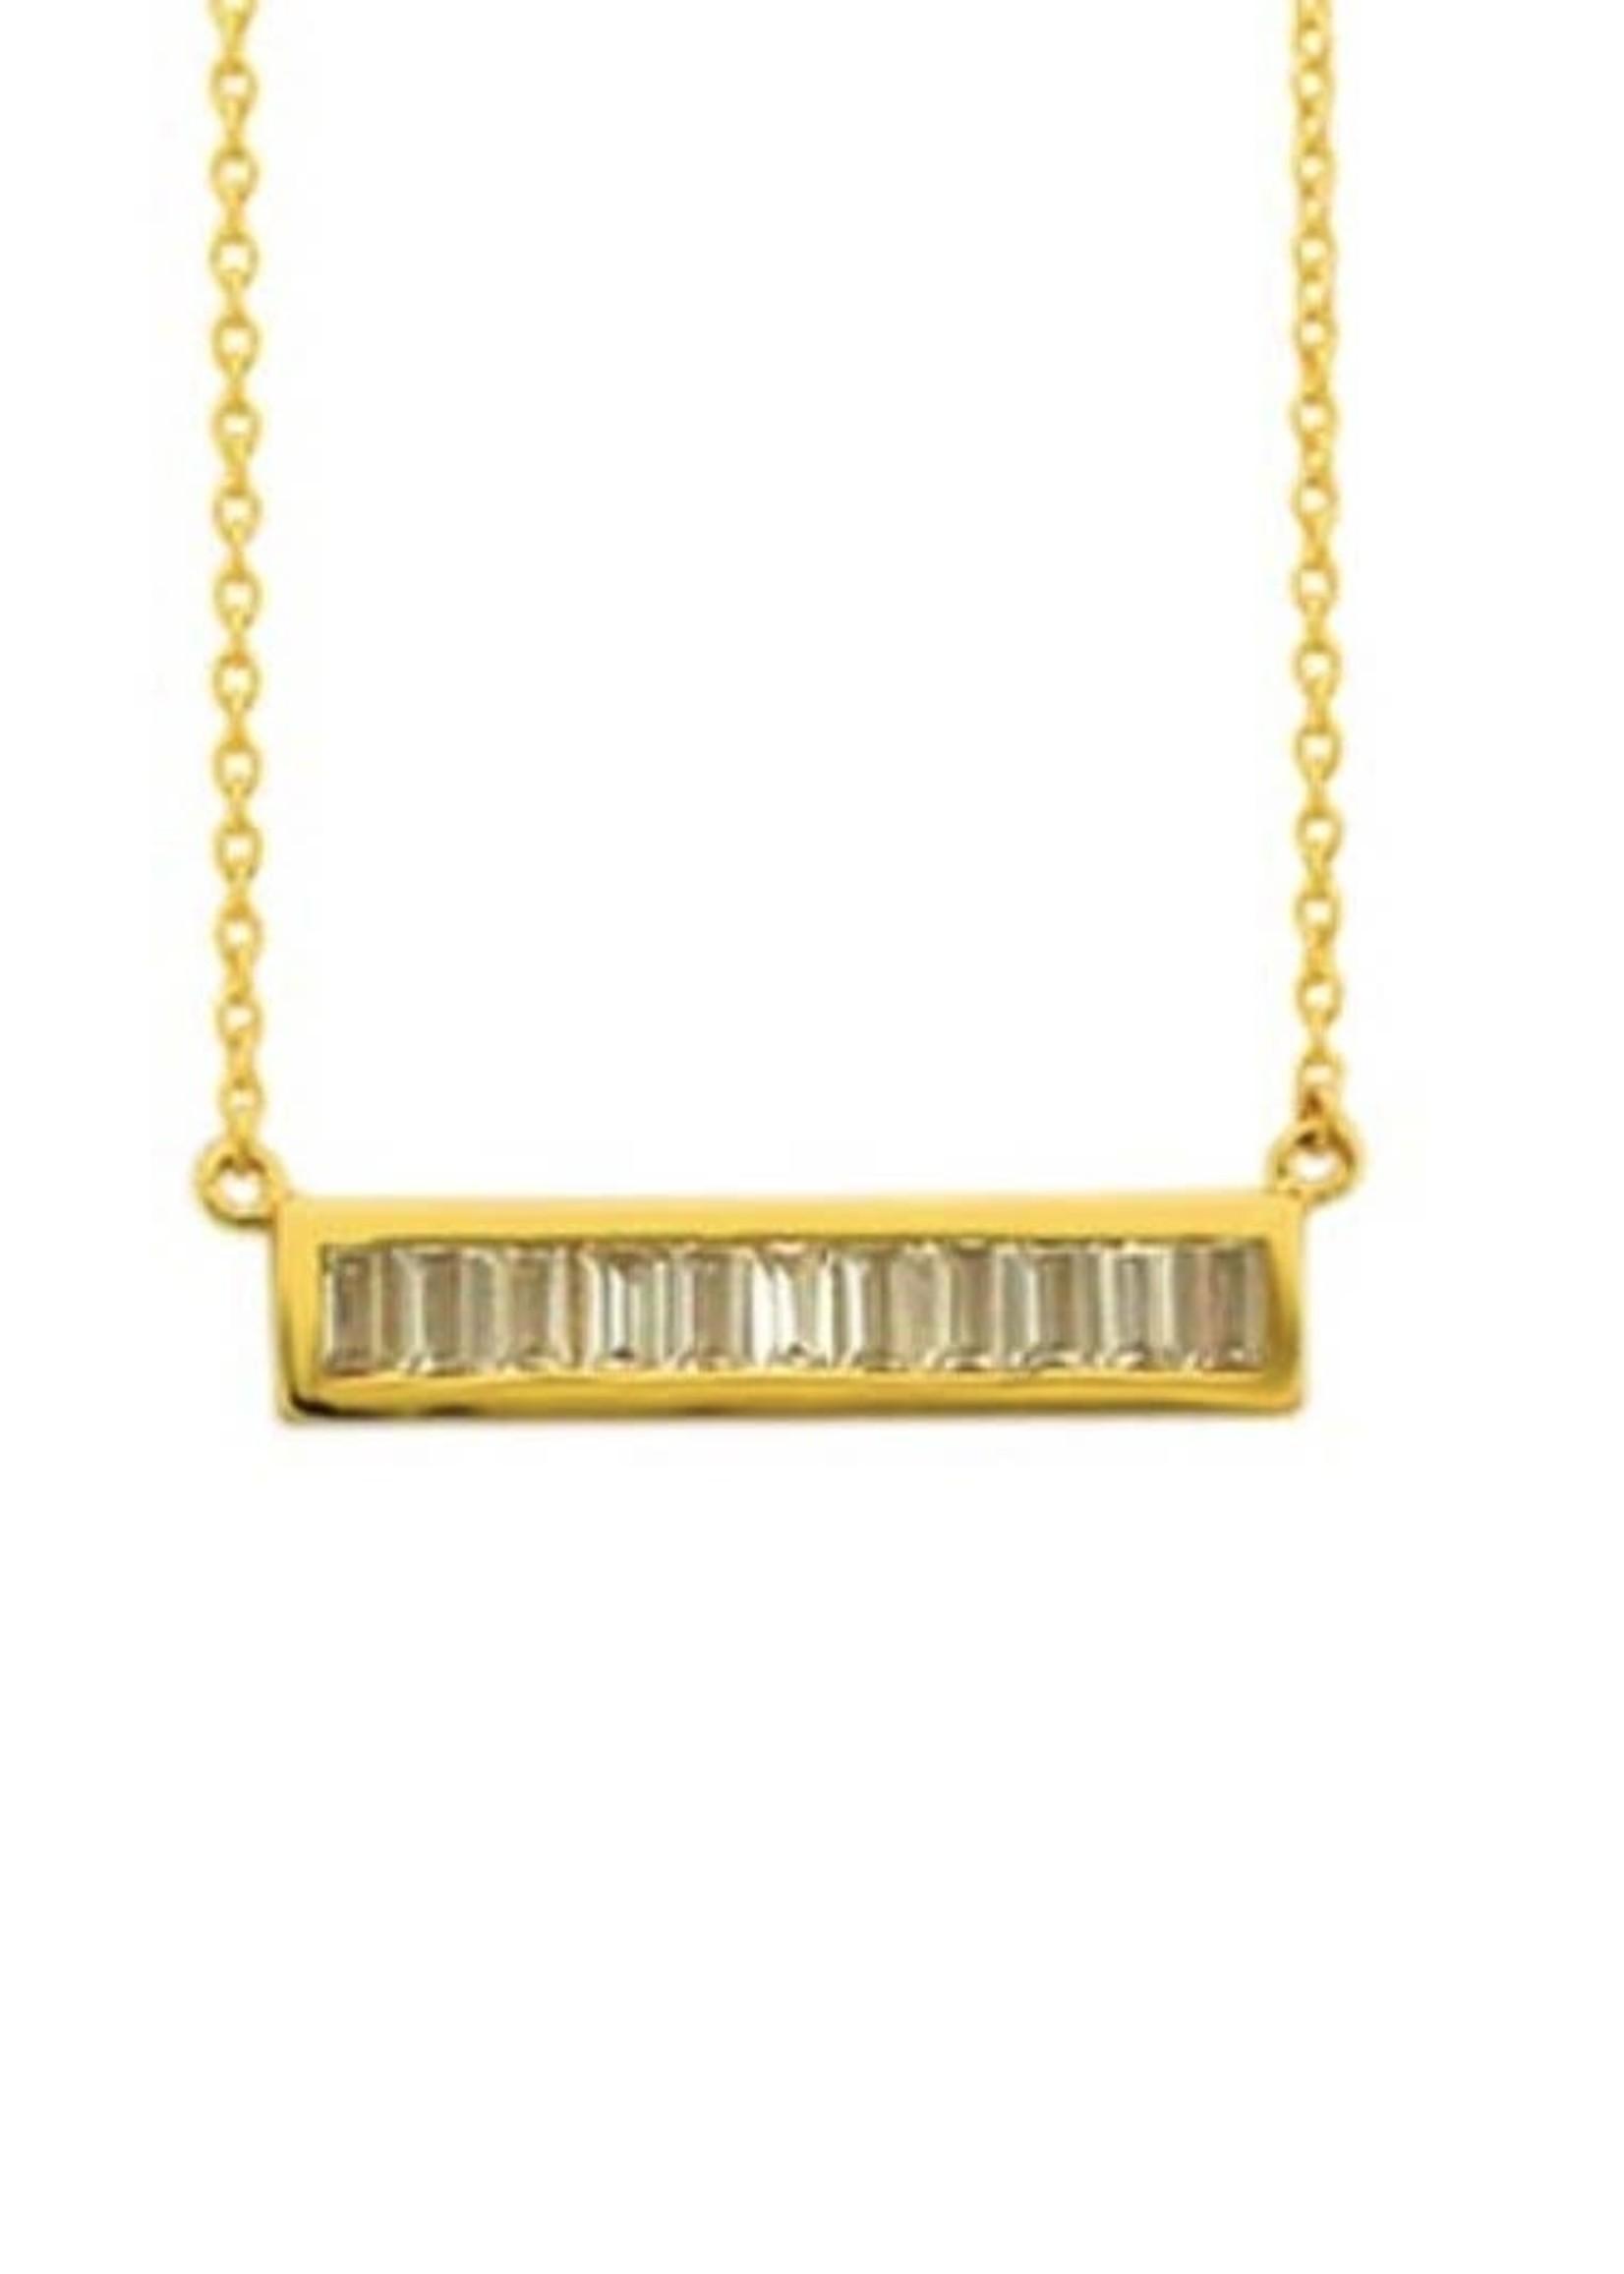 925 Cz Baguette Bar Necklace